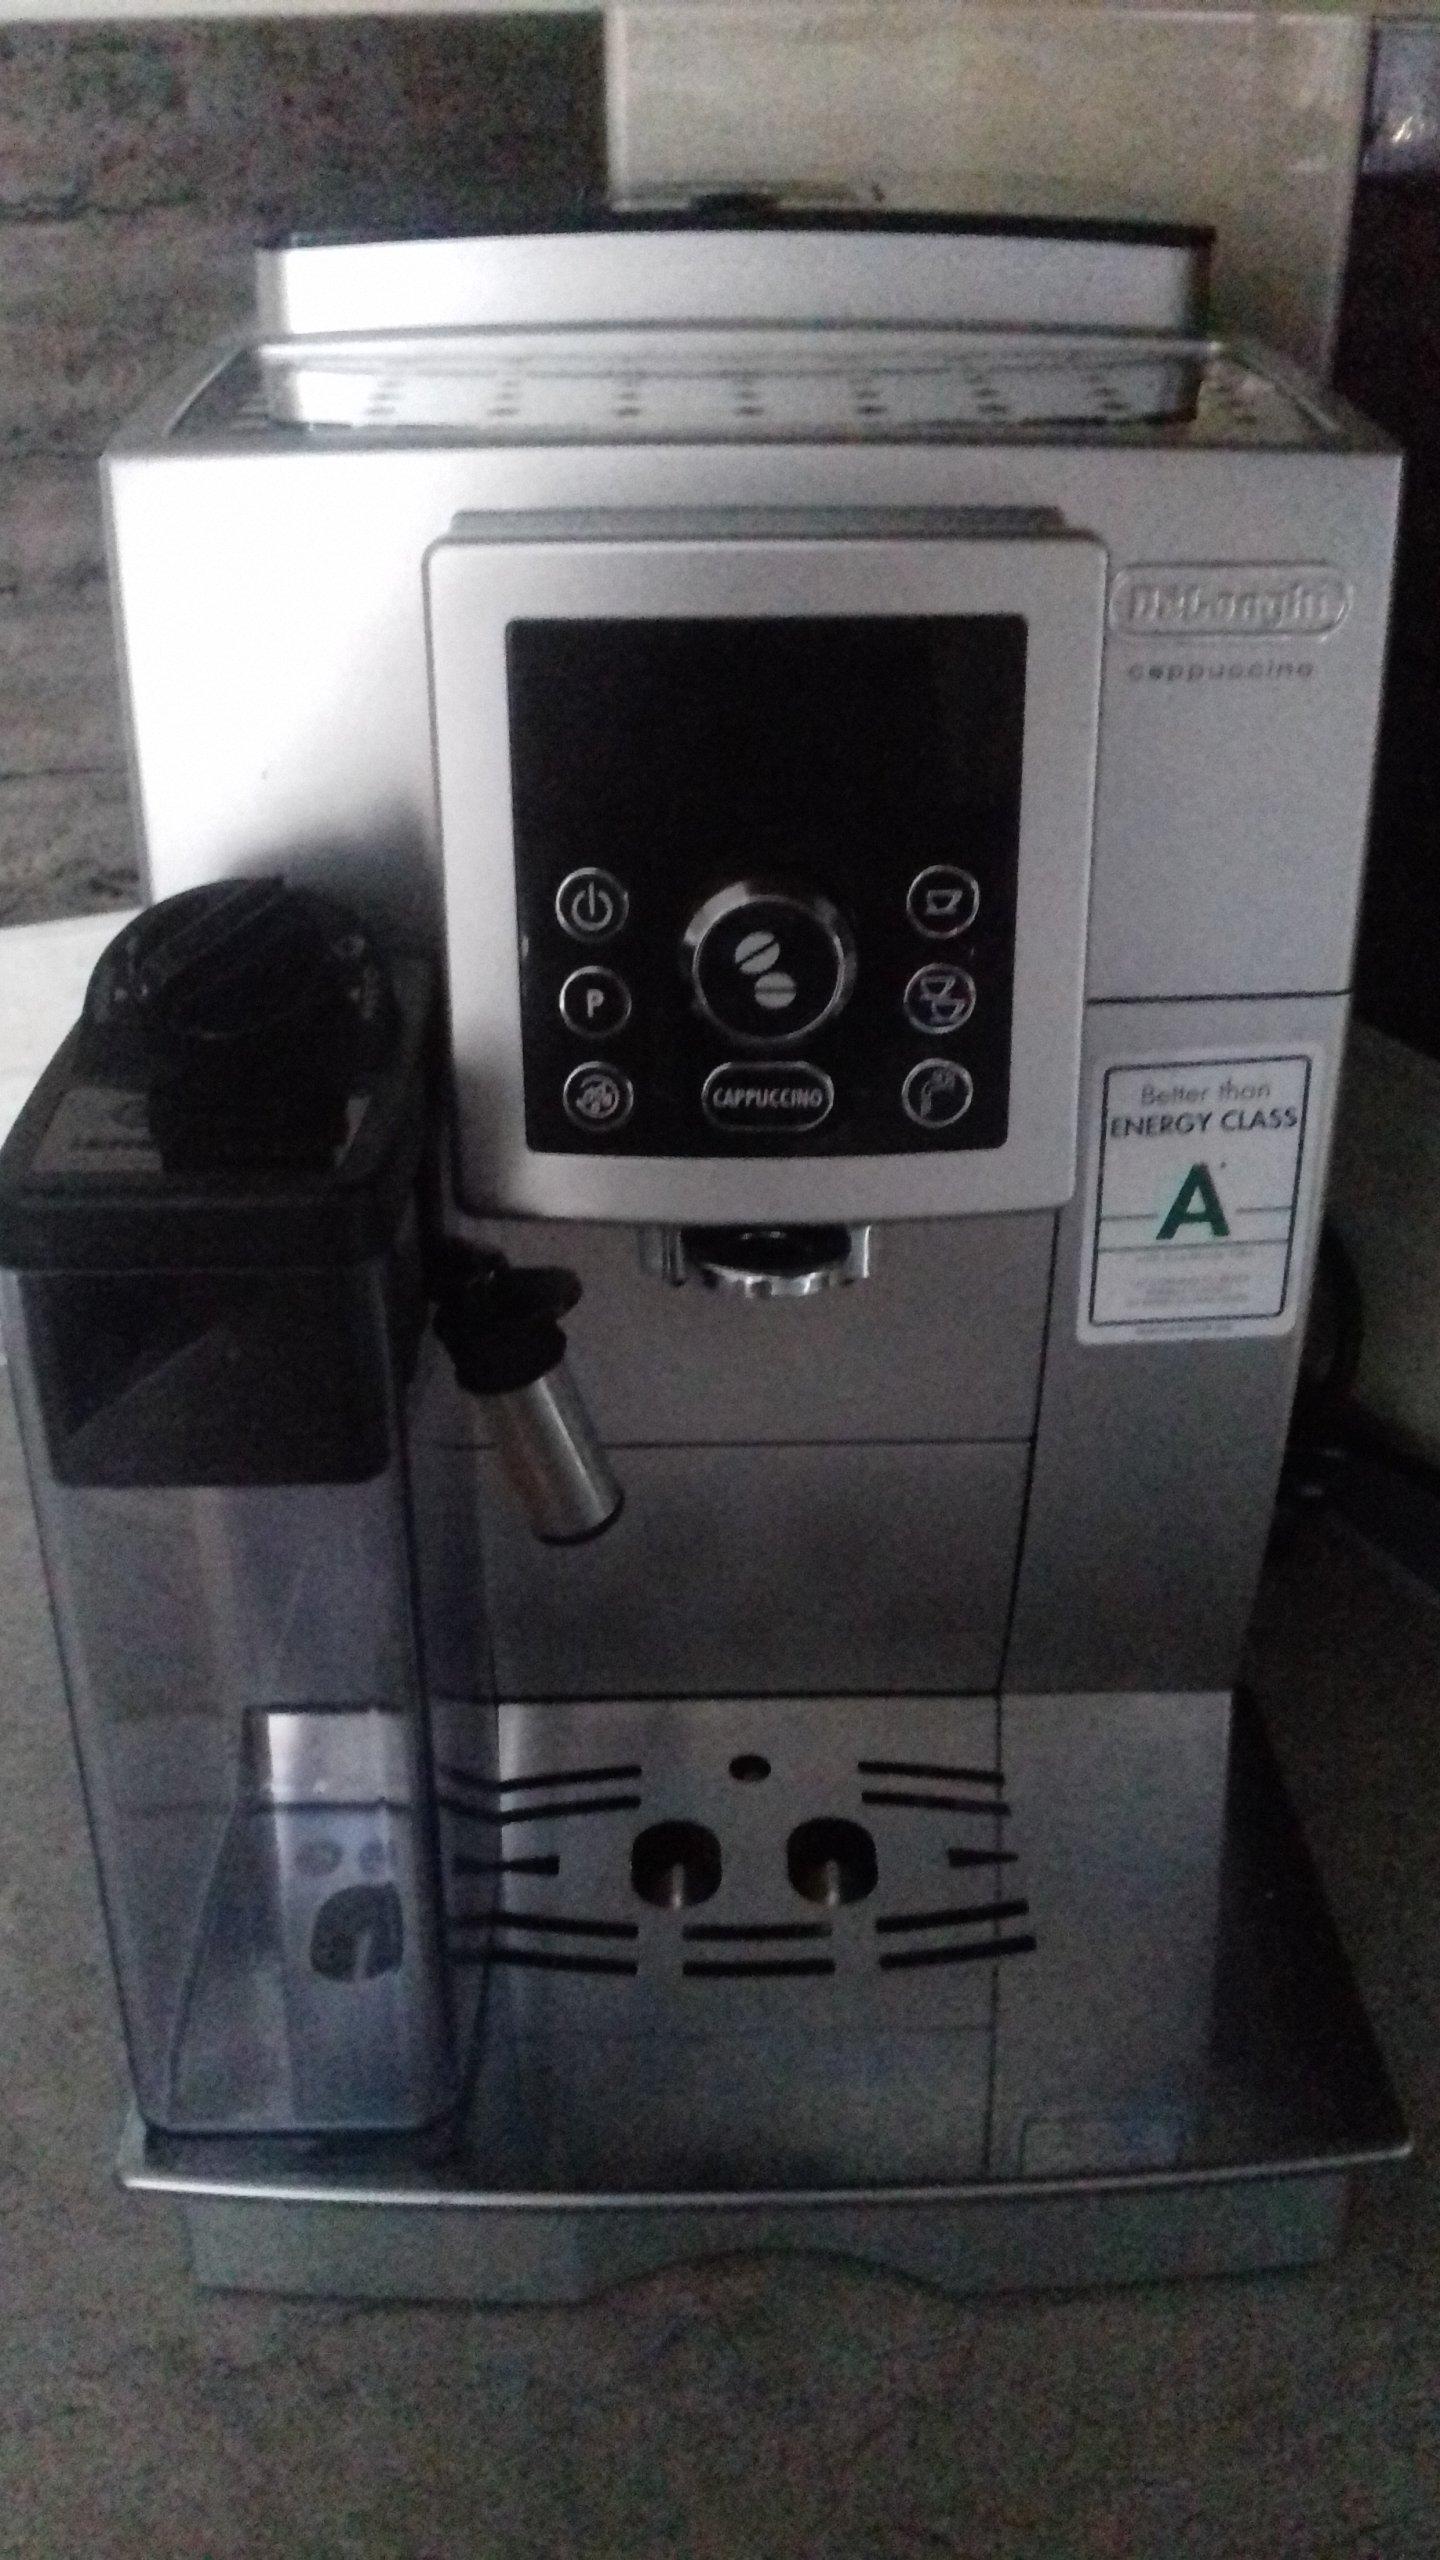 Wybitny Sprzedam ekspres do kawy de longhi - 7360107997 - oficjalne VA31